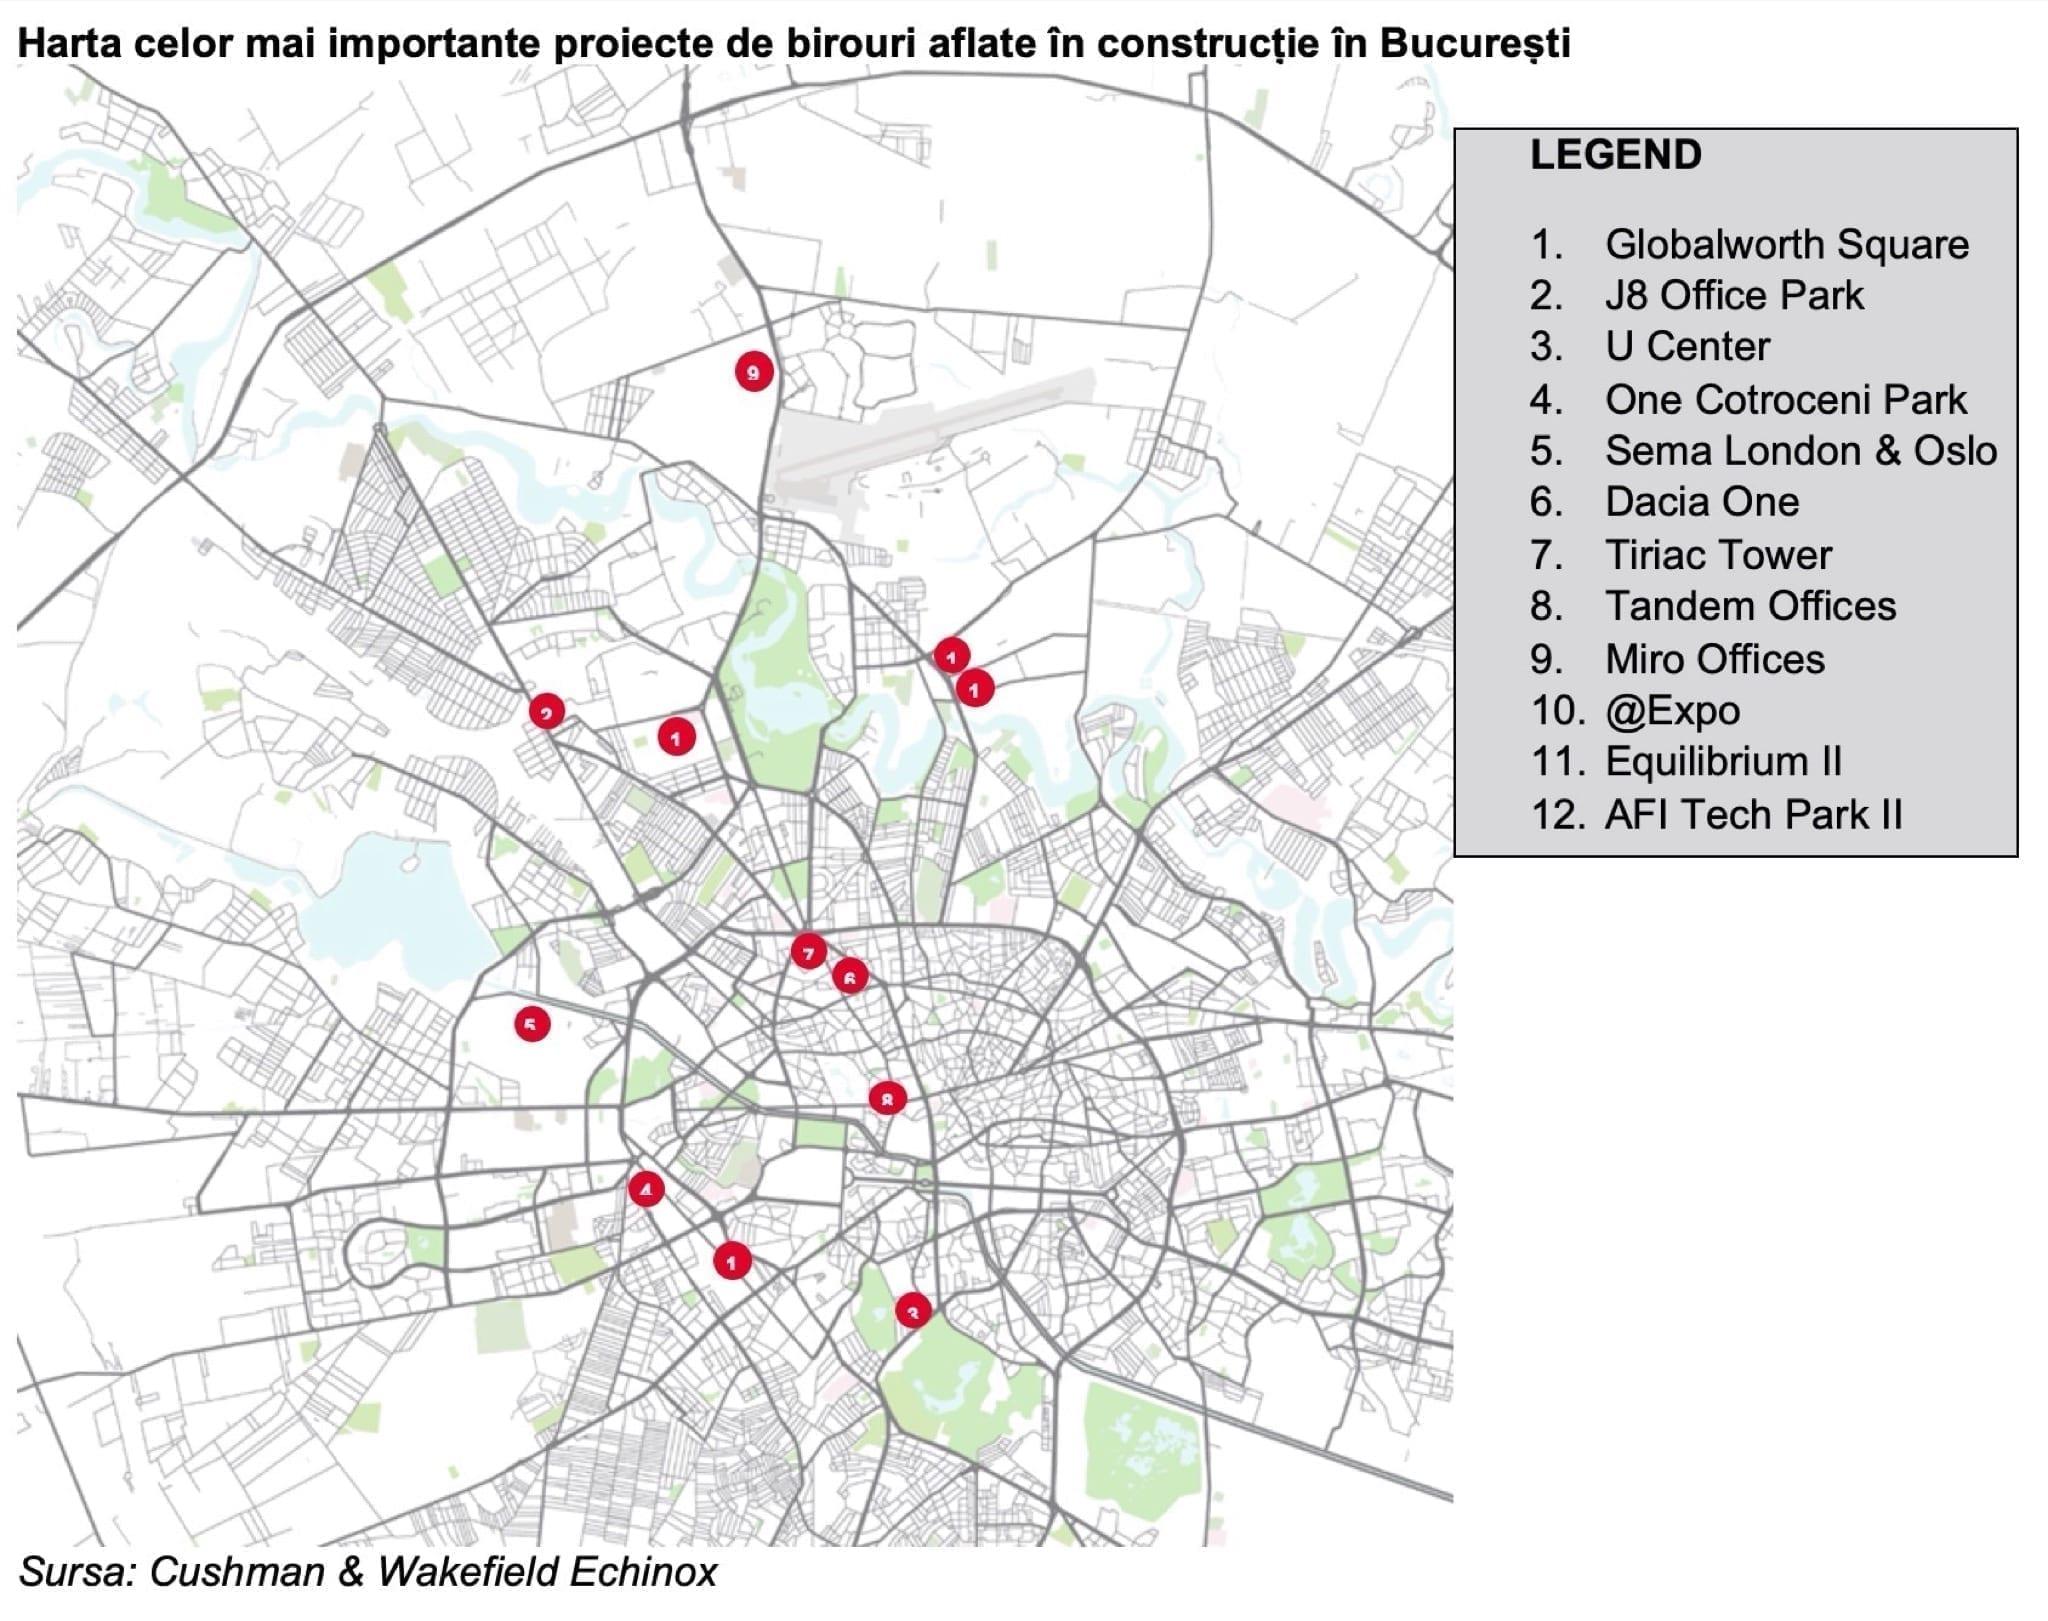 birouri - C&W Echinox: Nivelul de utilizare al birourilor din București, la 40-50%